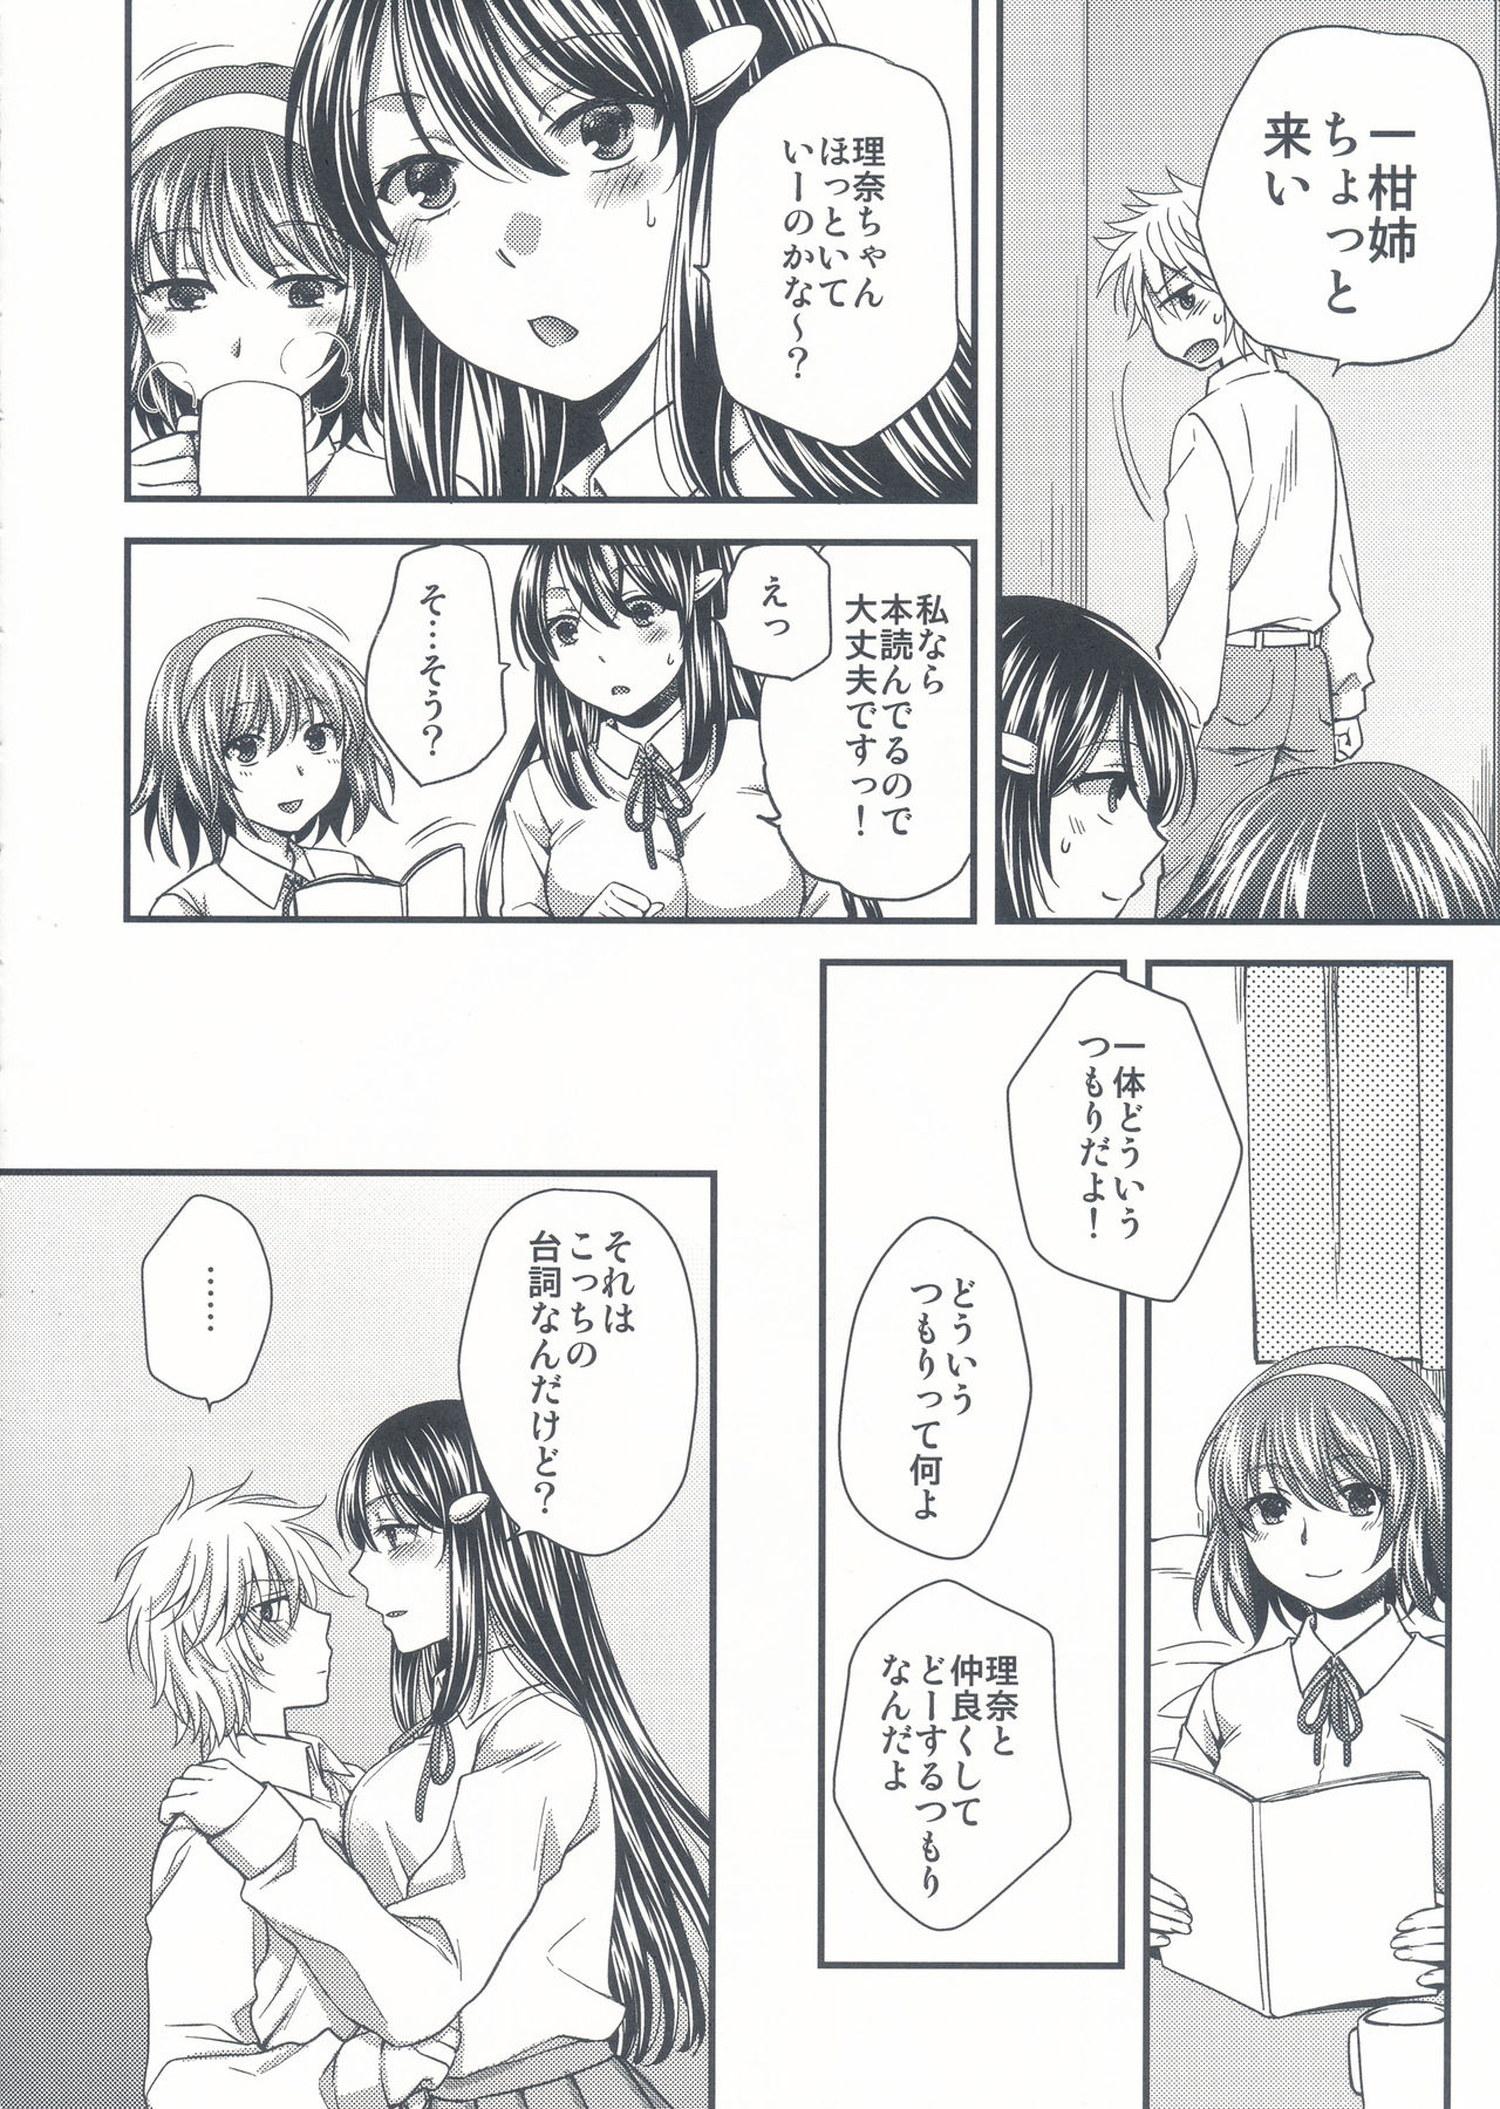 【エロ漫画】黒髪ロングの巨乳JKのお姉さんと、彼女の前で近親相姦セックスww【無料 エロ同人誌】 (6)